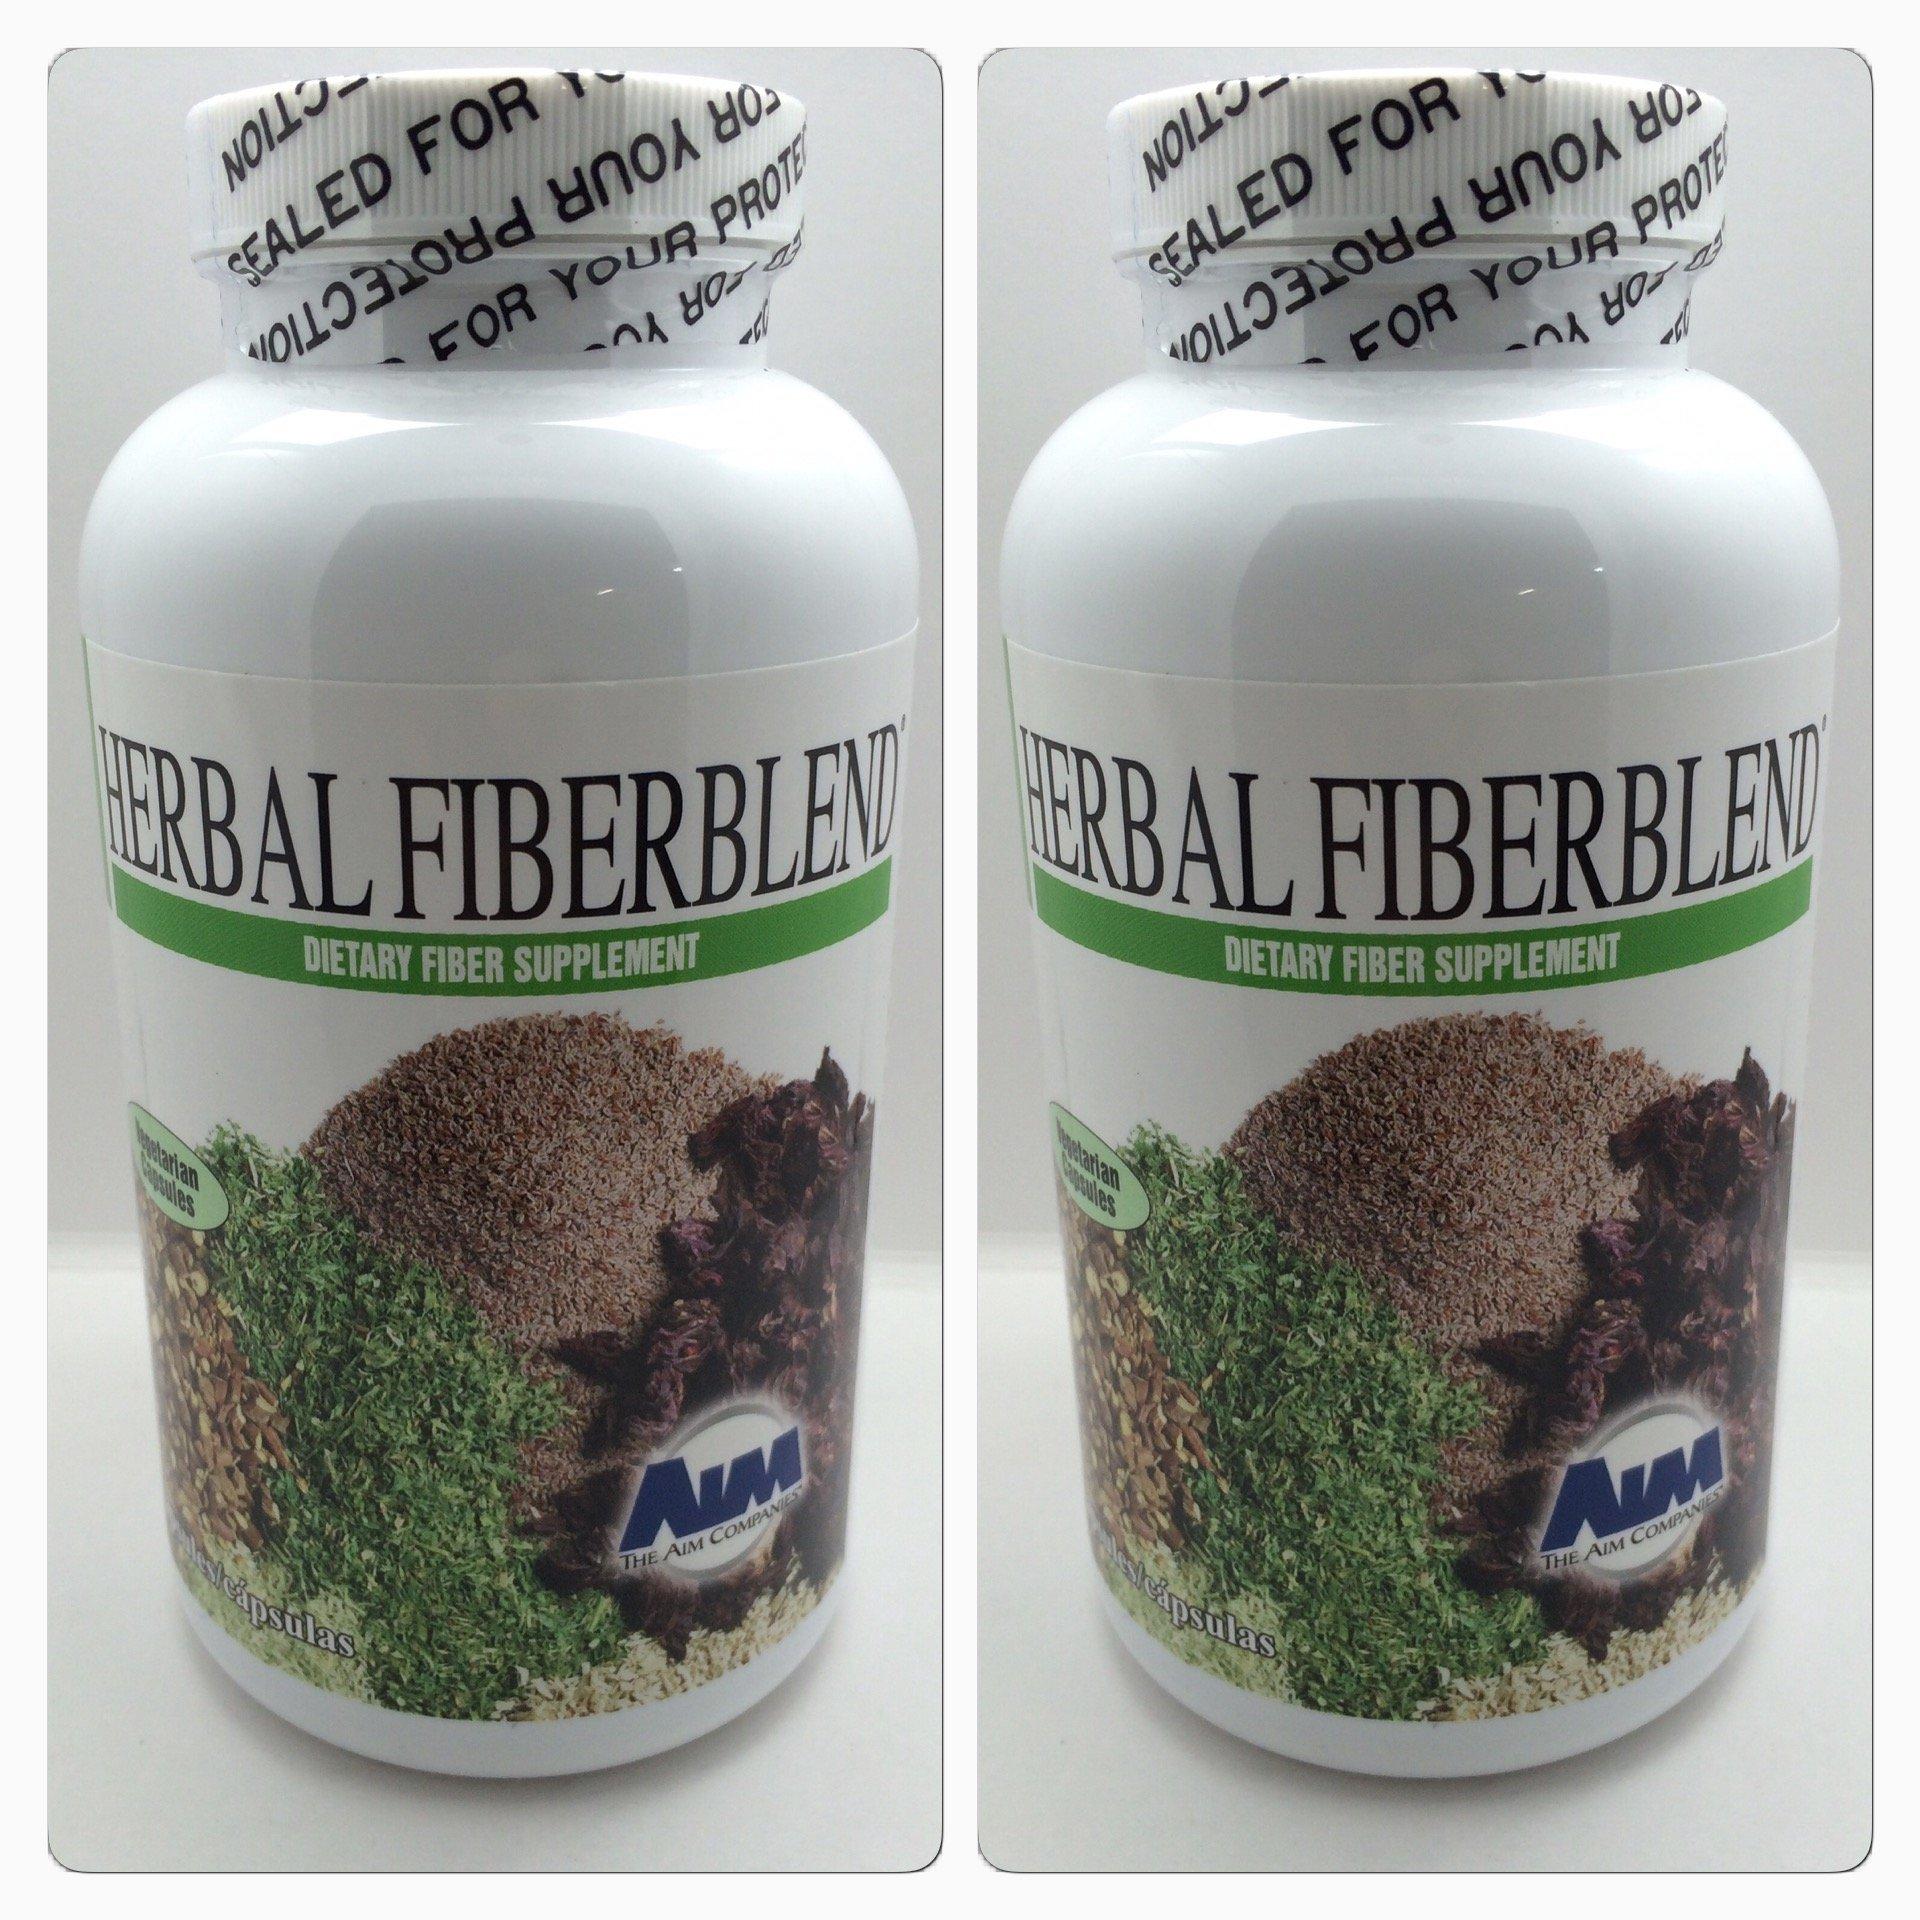 AIM Herbal Fiberblend Capsules (Two Pack) 560 Capsules Total